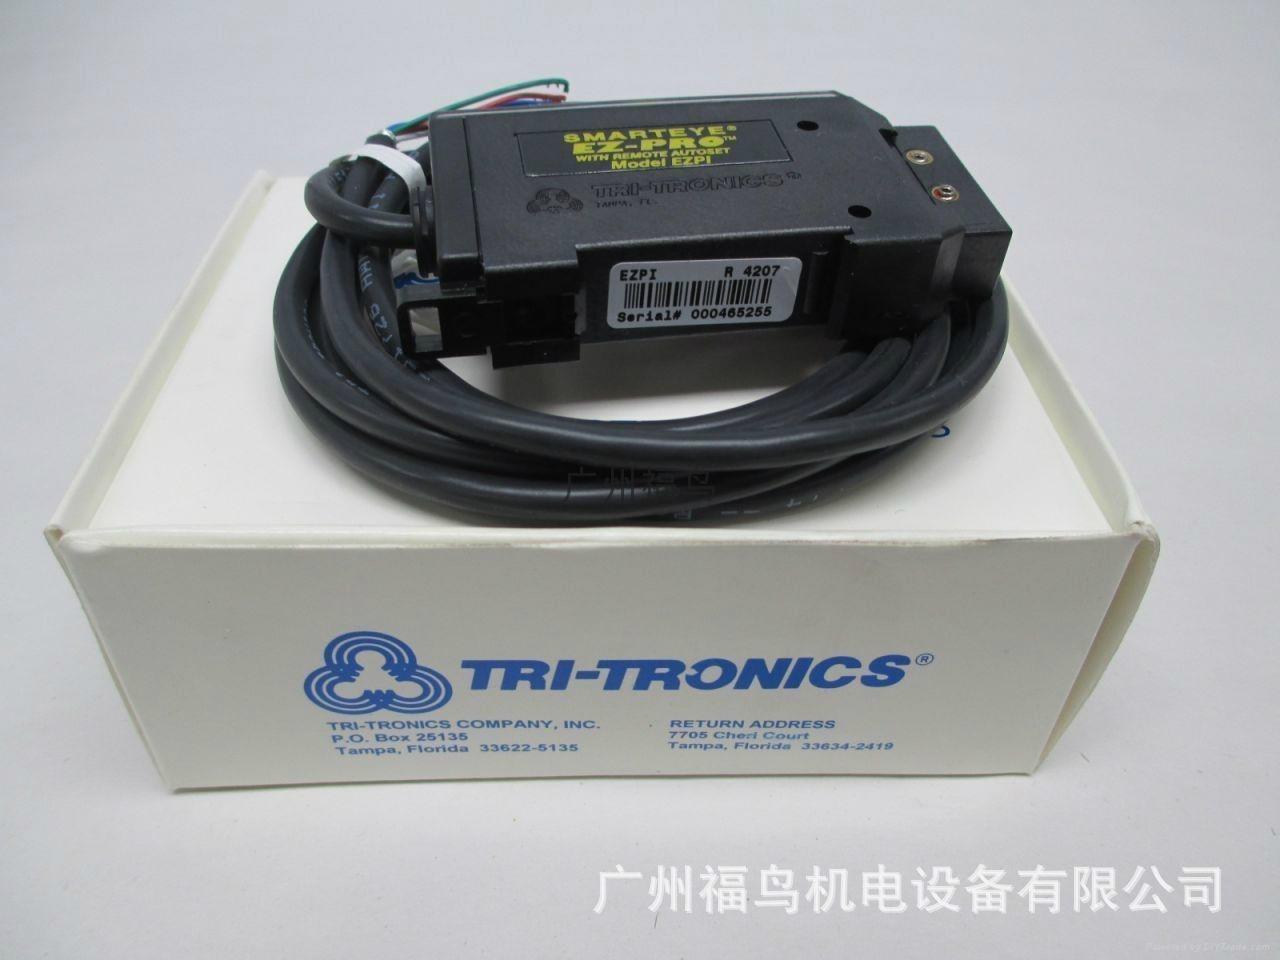 TRI-TRONICS傳感器, 光電開關, 型號: EZPIF4